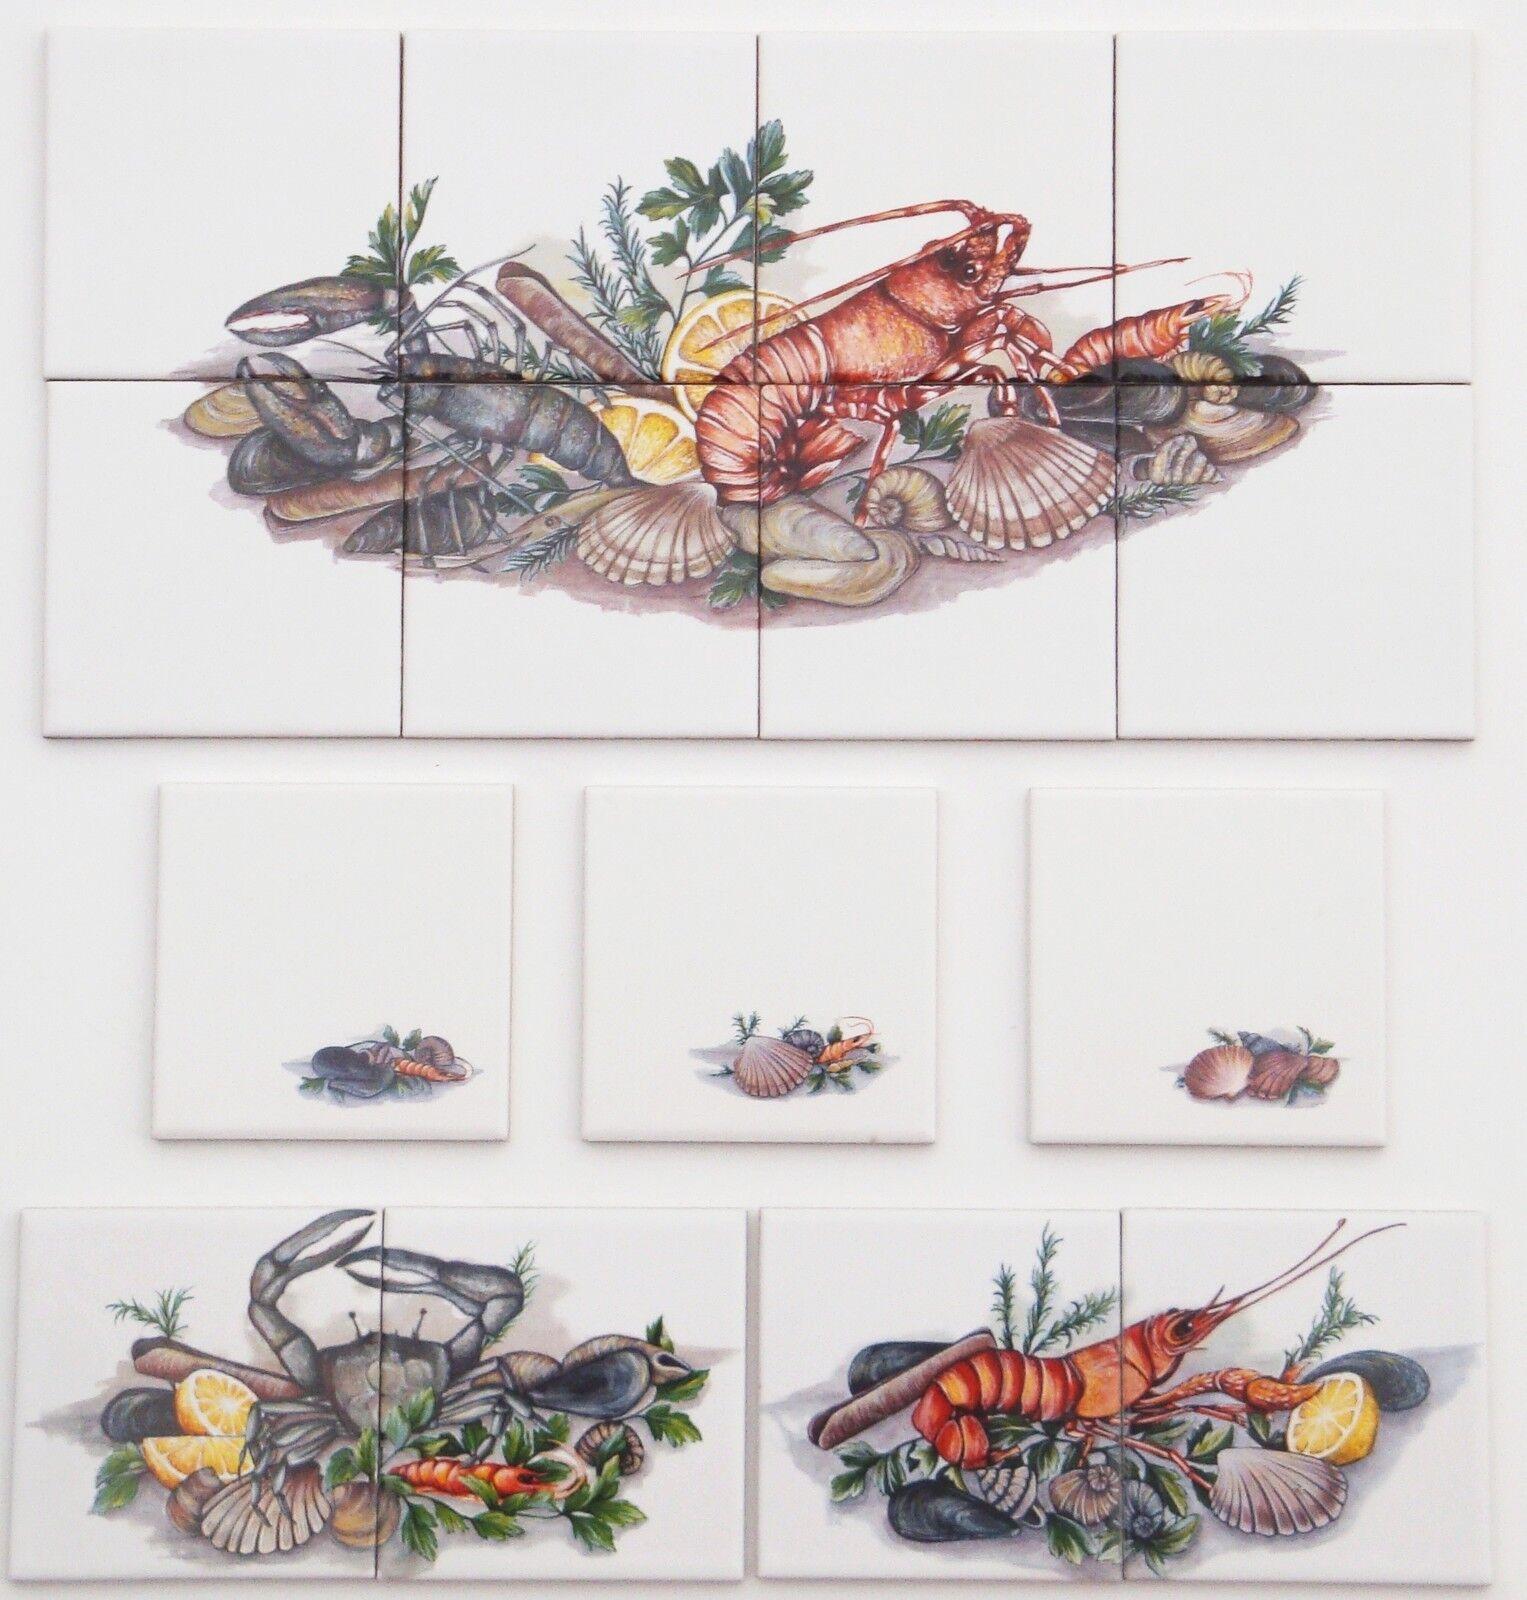 10x10 Küchenfliesen großes 6er Set Meeresfrüchte Krabbe Garnele Languste Hummer